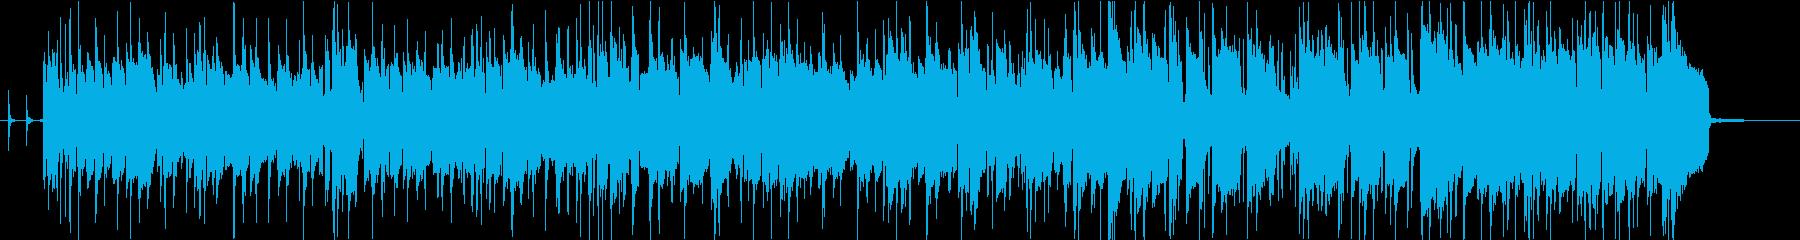 生ベース生ギター・ファンクバンドジングルの再生済みの波形